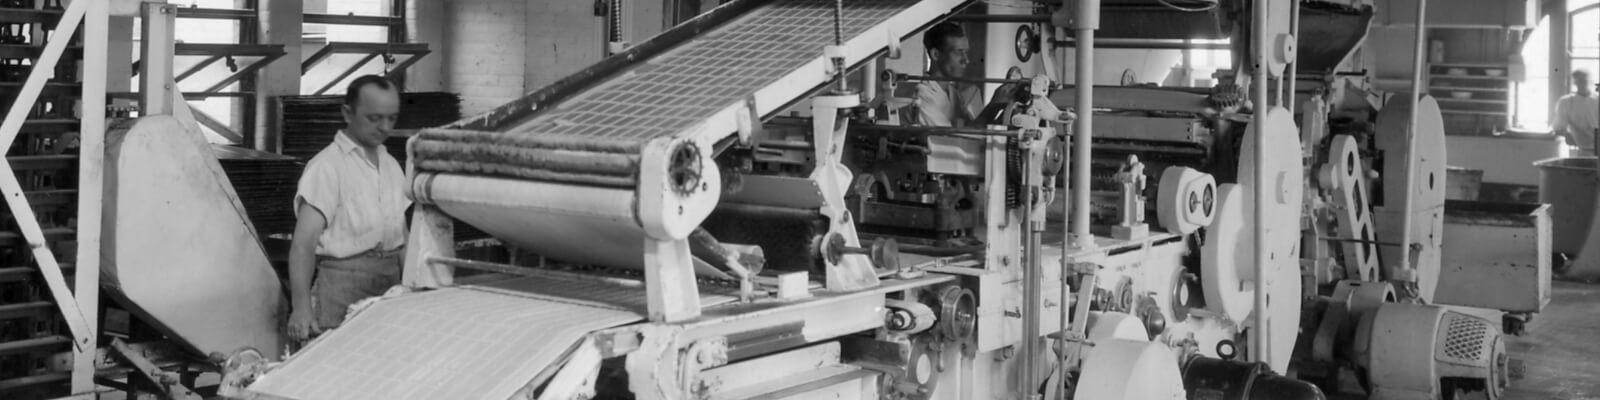 History - Reading Bakery Systems